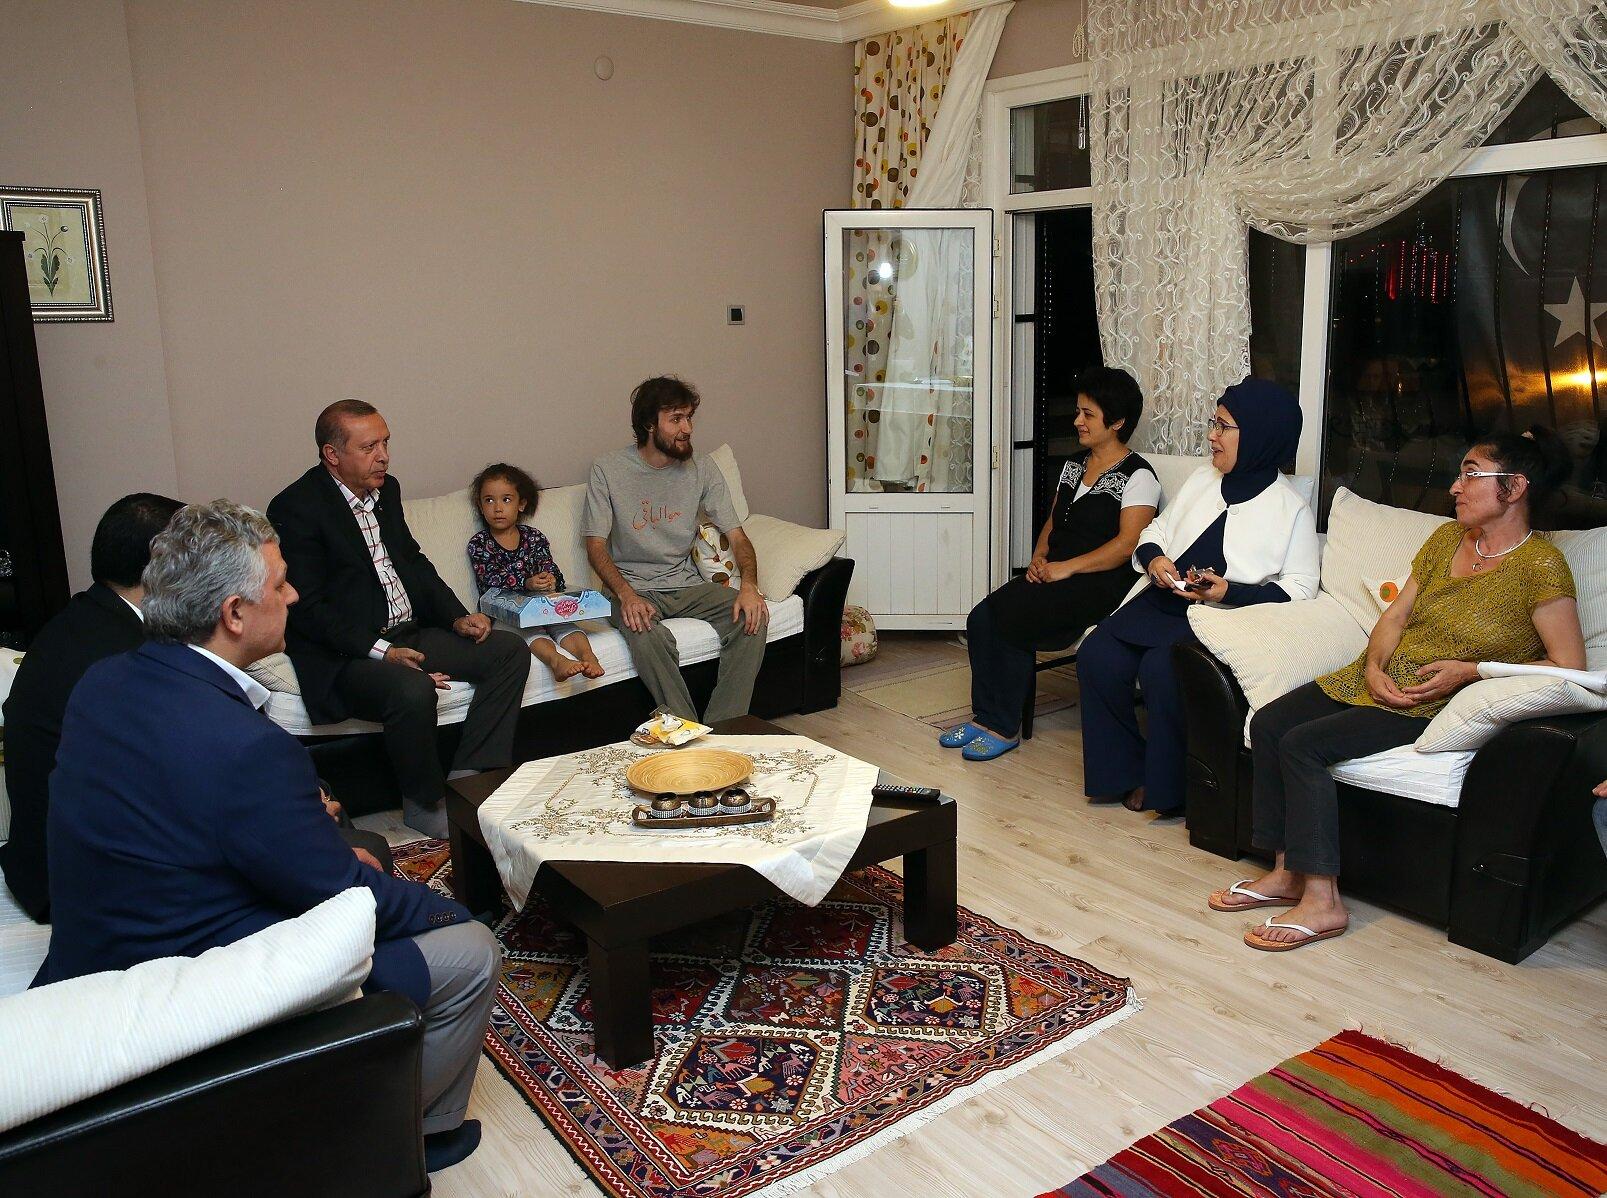 Cumhurbaşkanı Recep Tayyip Erdoğan eşi Emine Erdoğan'ın da eşlik ettiği ziyarette Mustafa Cambaz ailesine tekrar taziye dileyip bayramlarını kutladı.